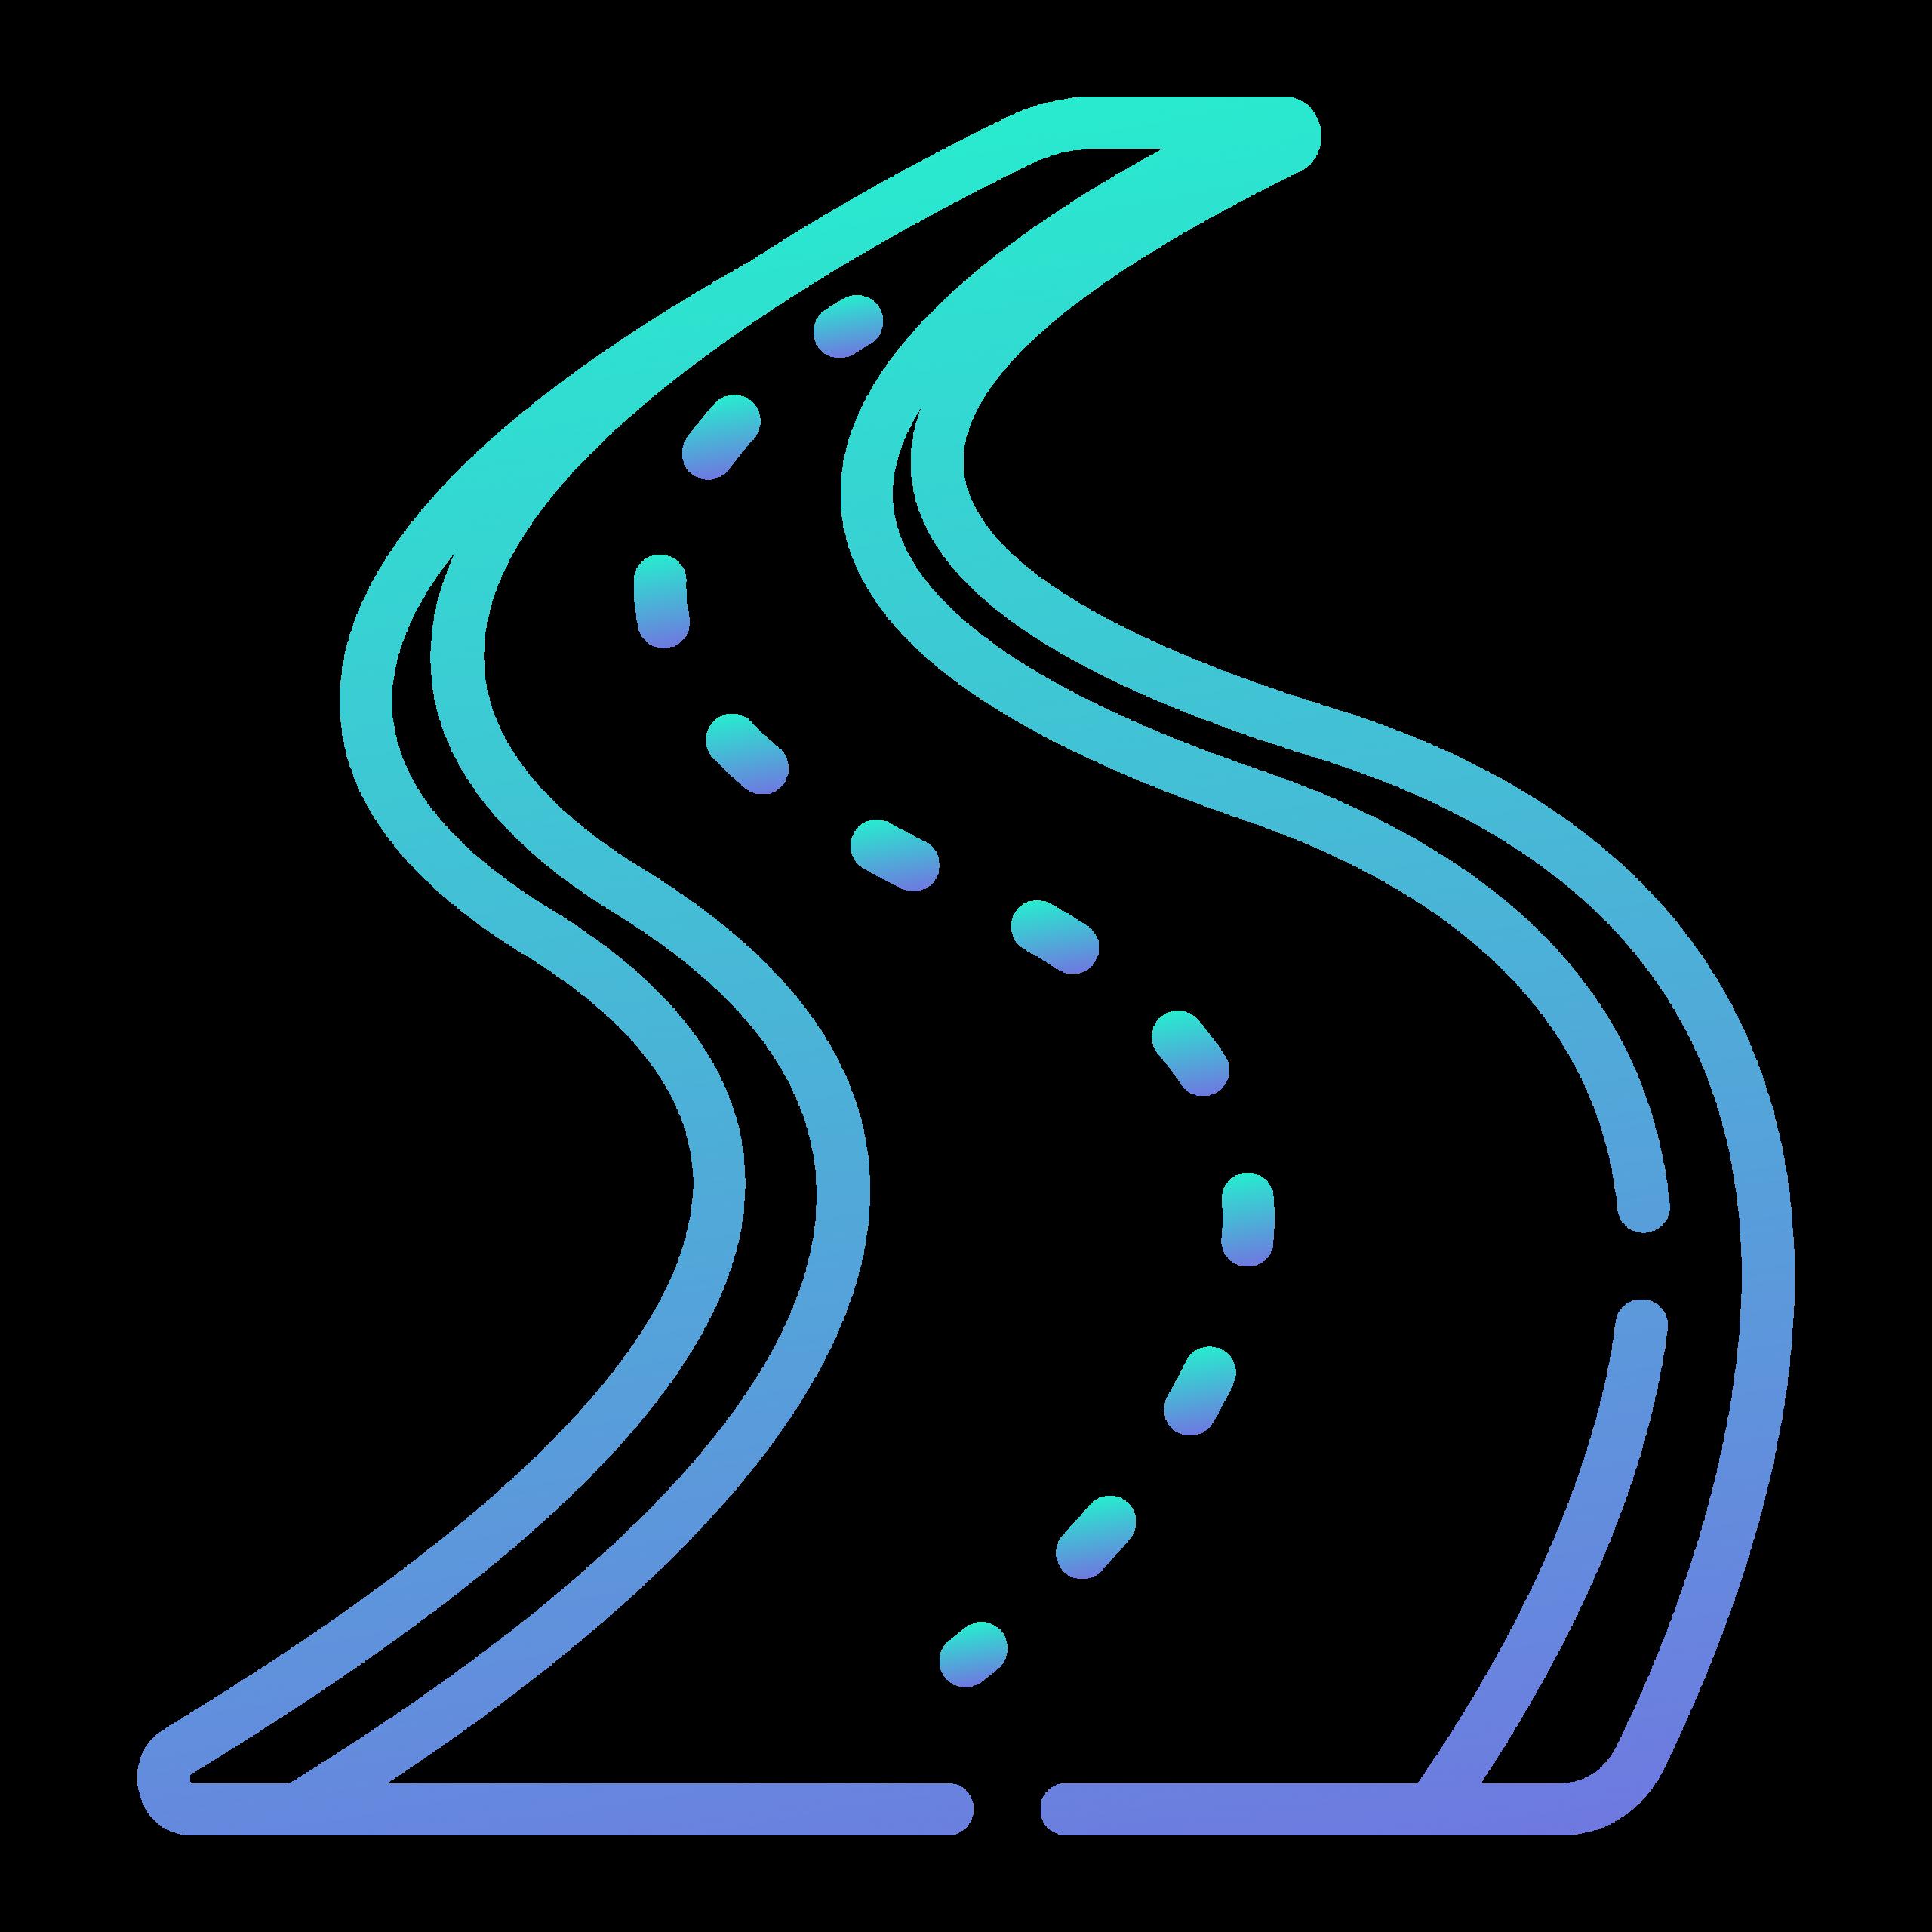 Roadways-Supplier